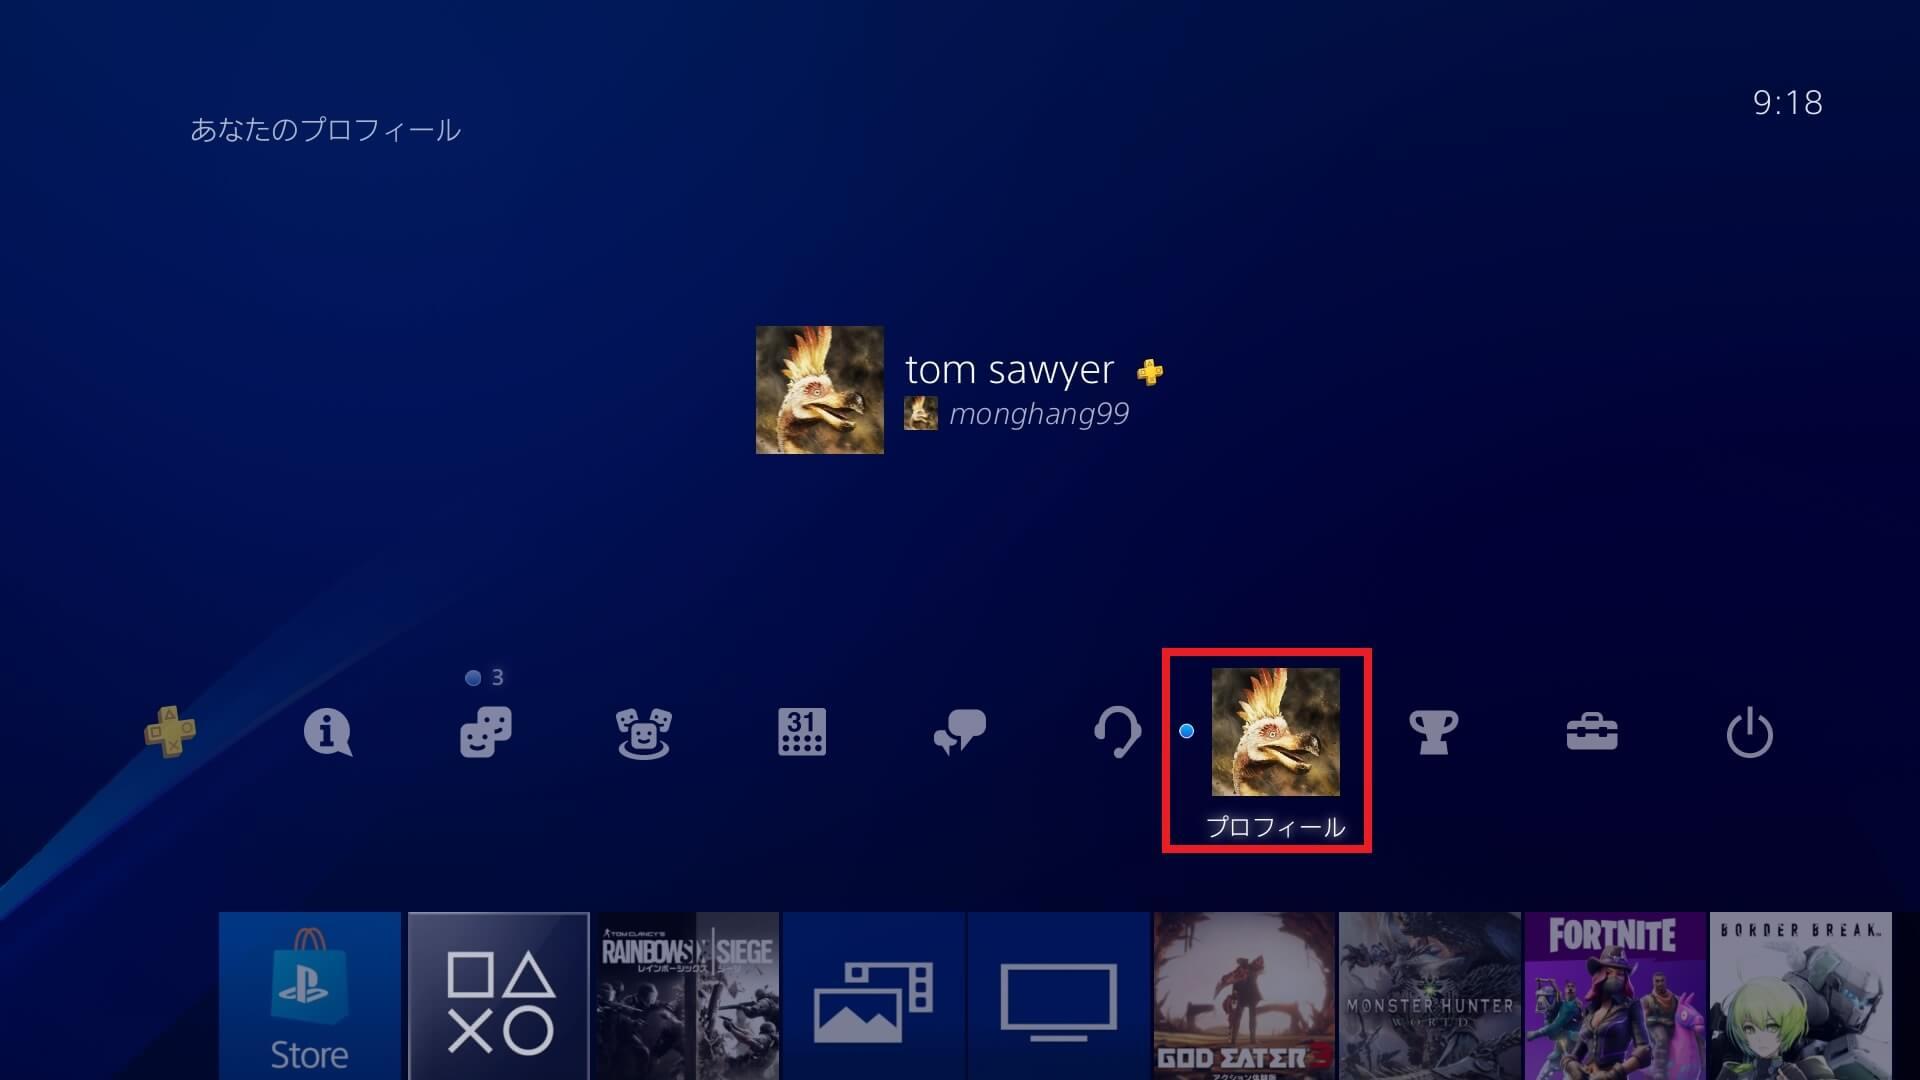 PS4のプロフィール